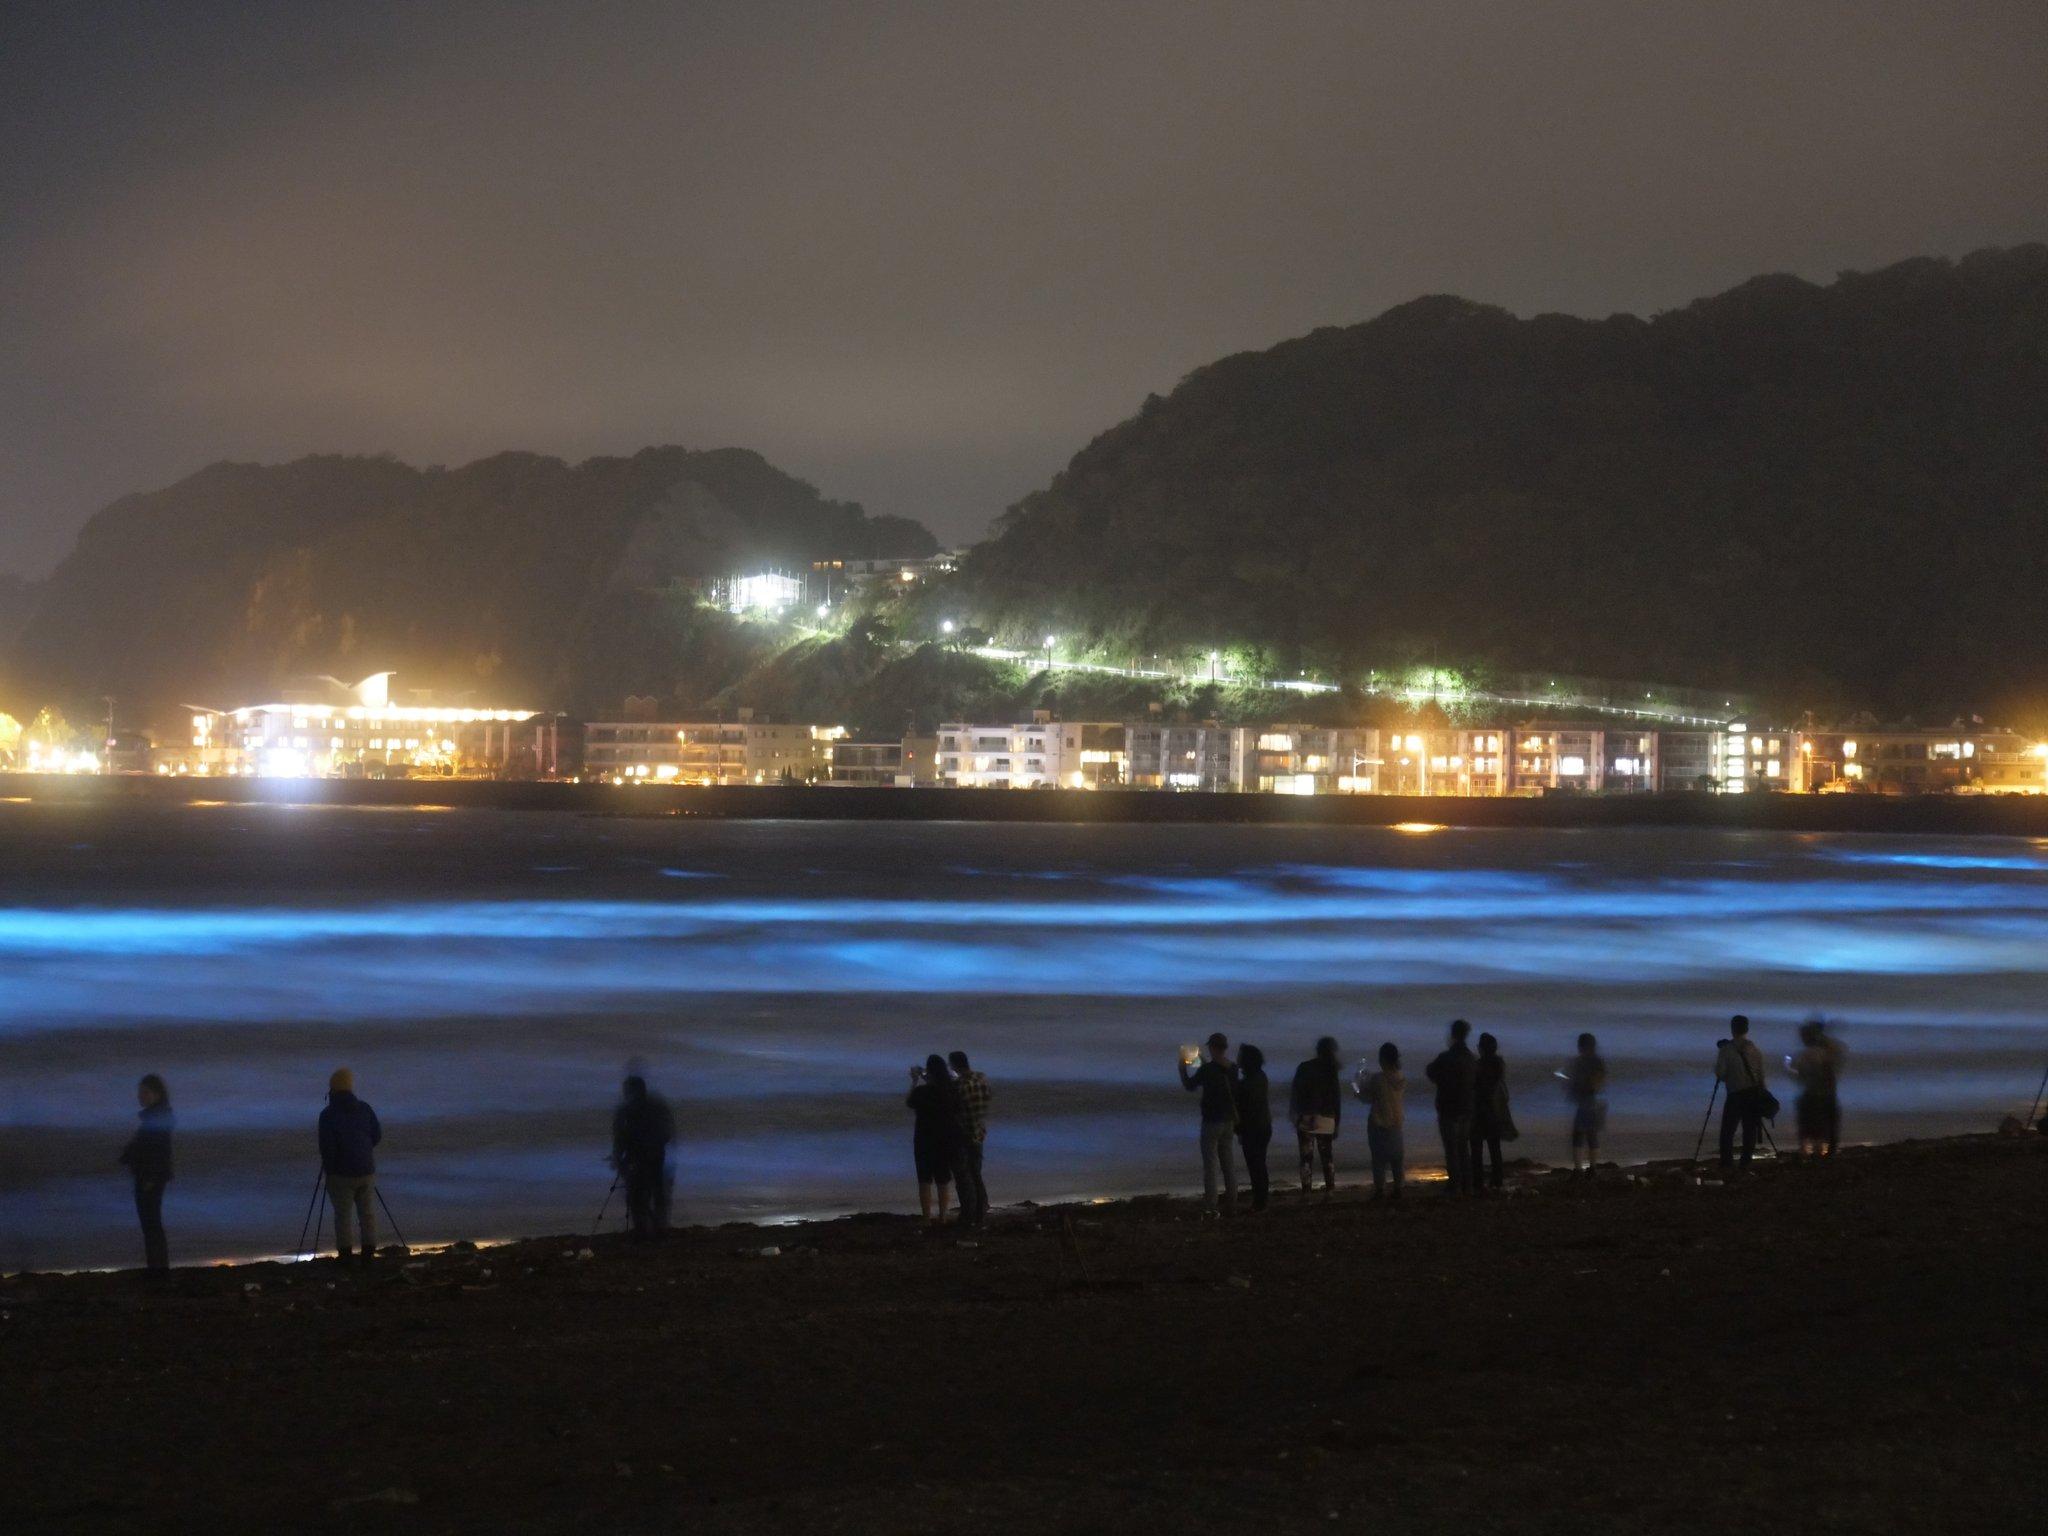 何これ!?由比ヶ浜に出現した幻想的な光についてwww